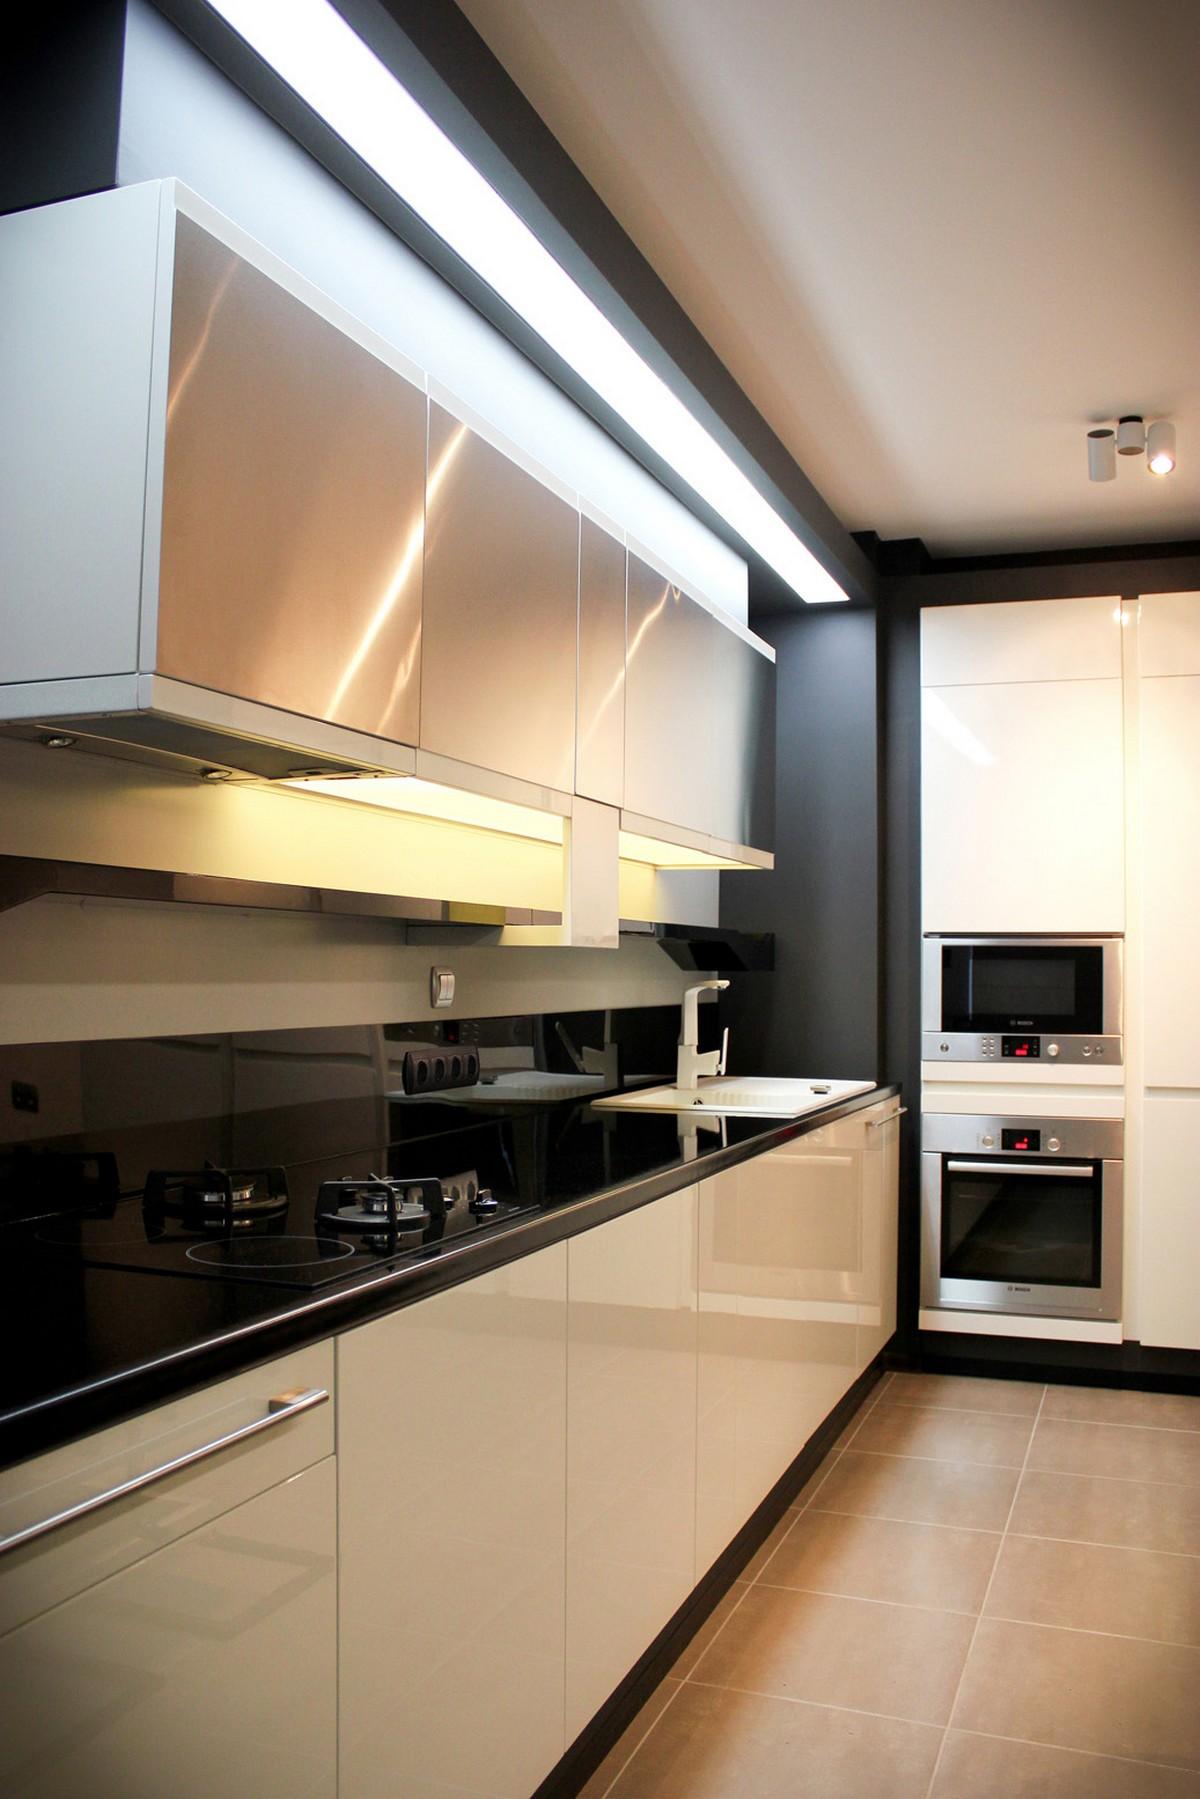 Футуристический дизайн интерьера частного дома фото 11